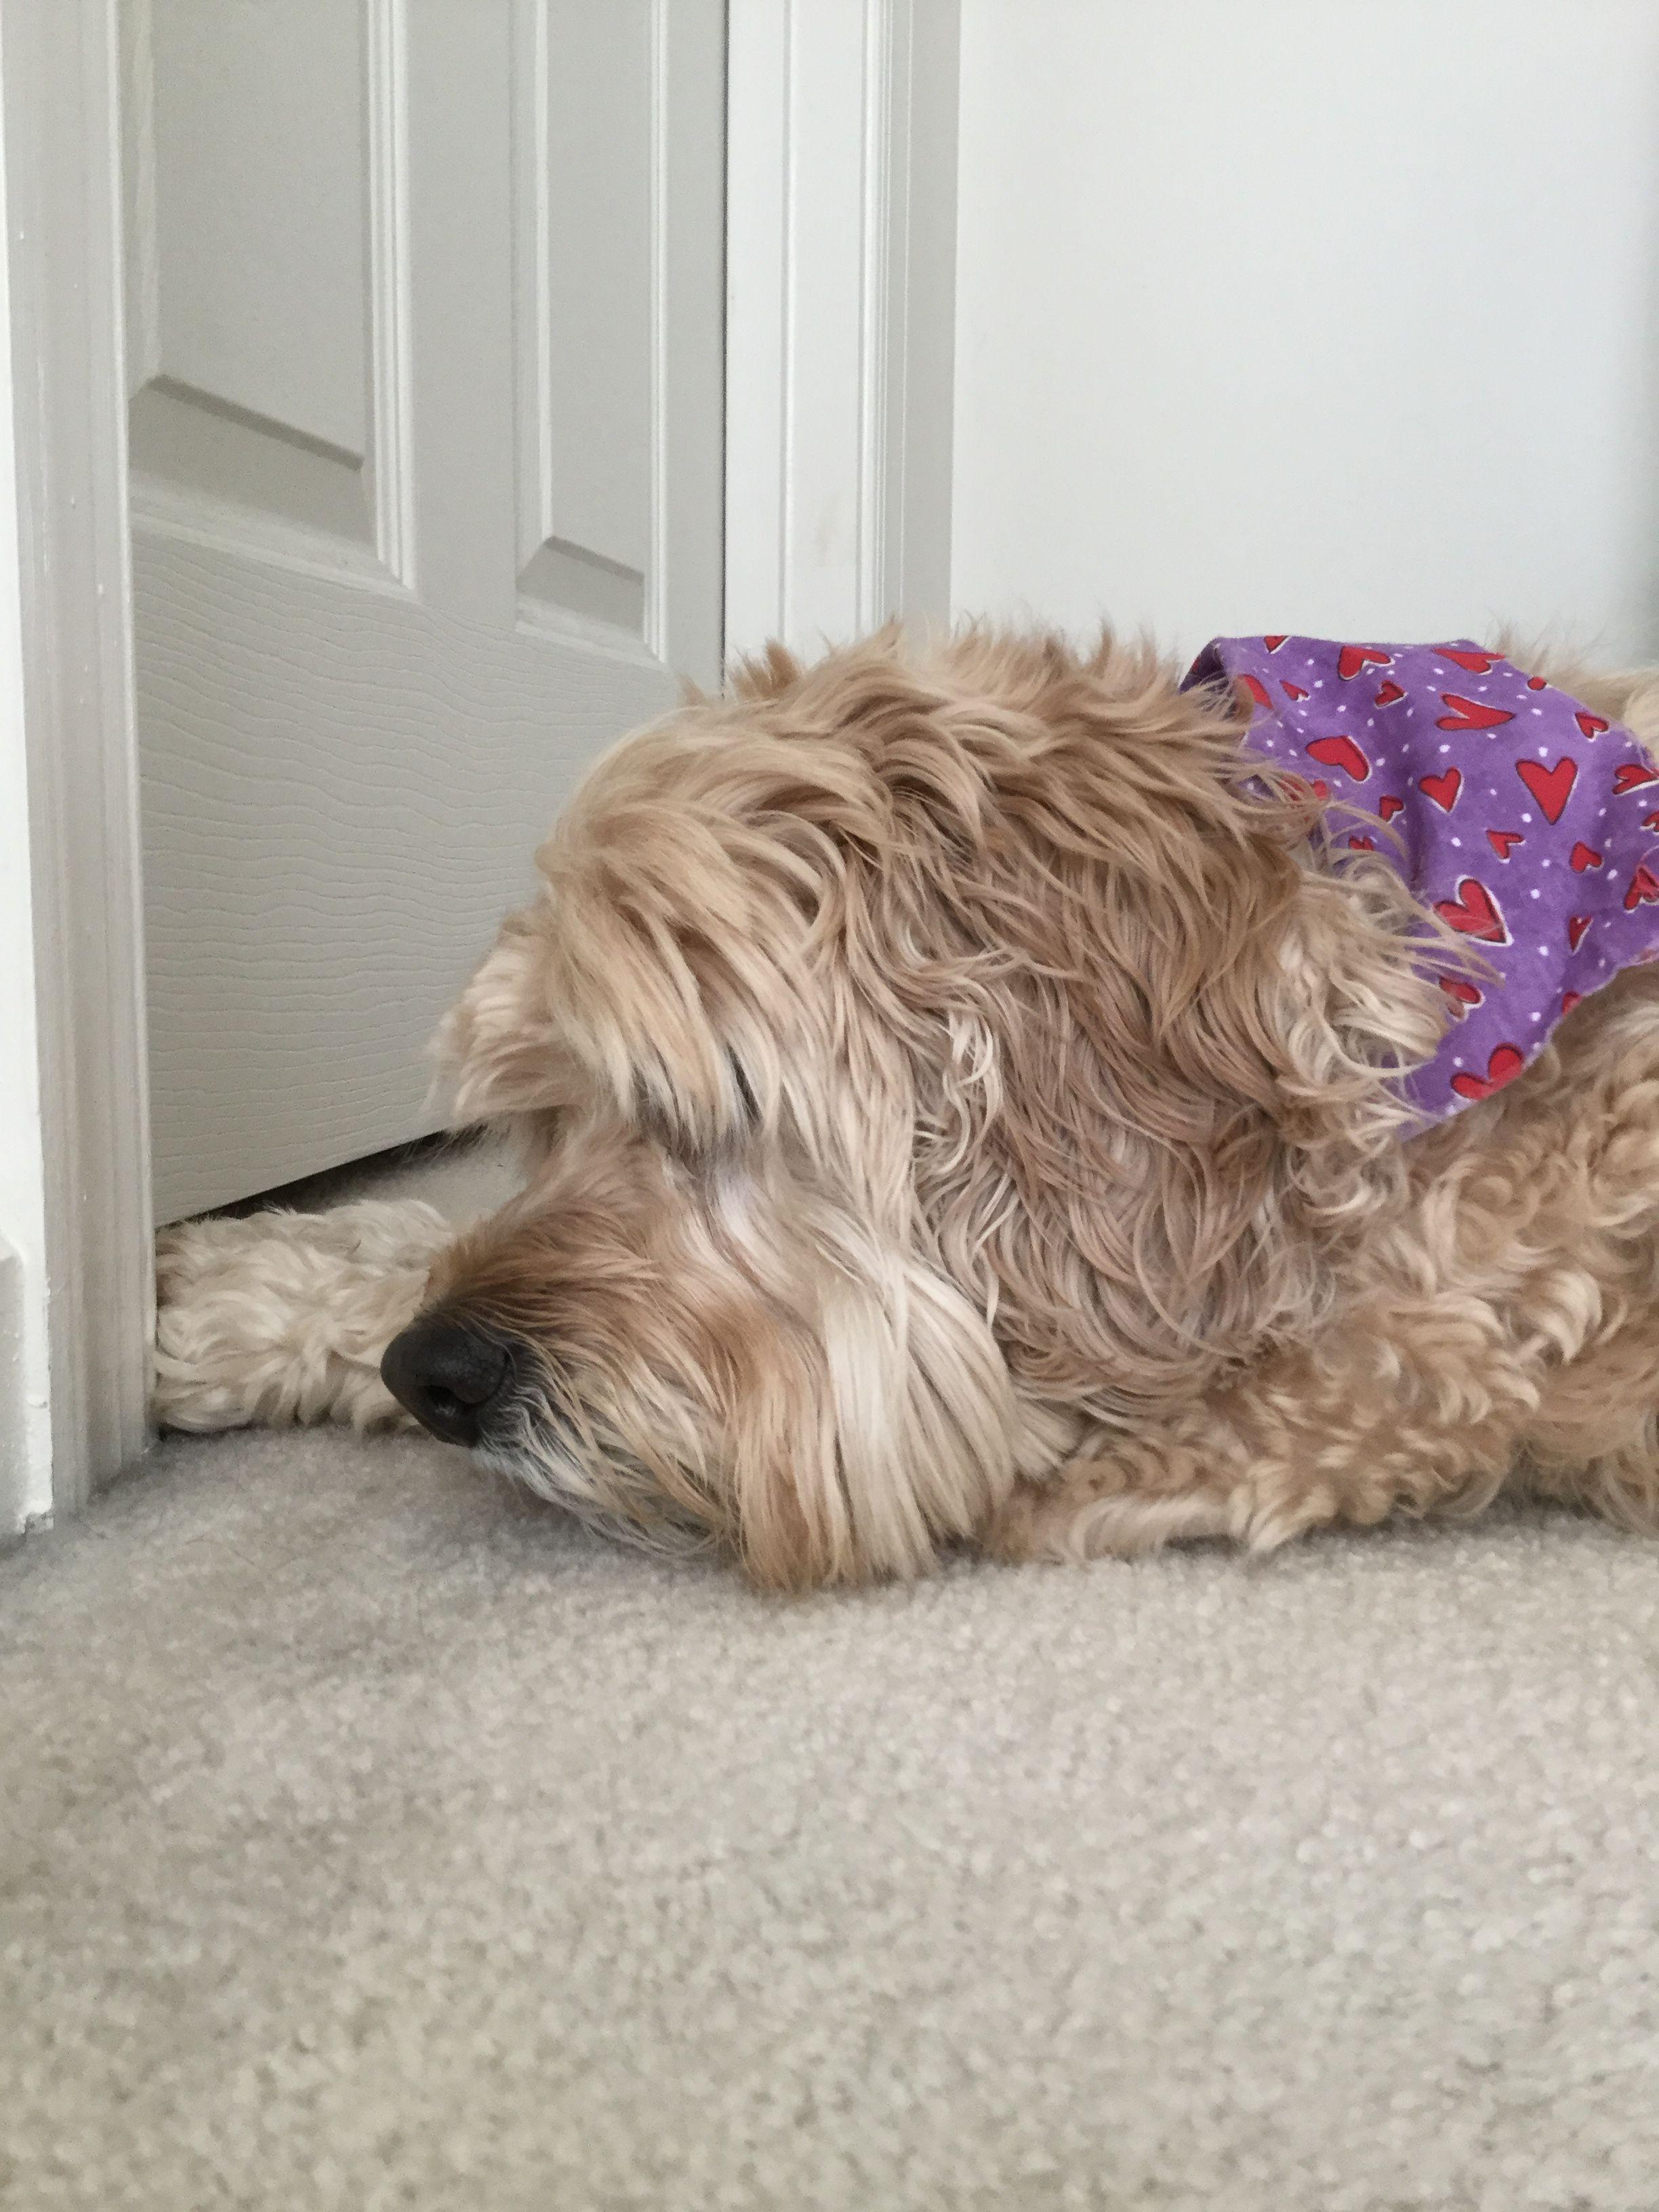 Such a cute cockapo doggie!!! Adorbs